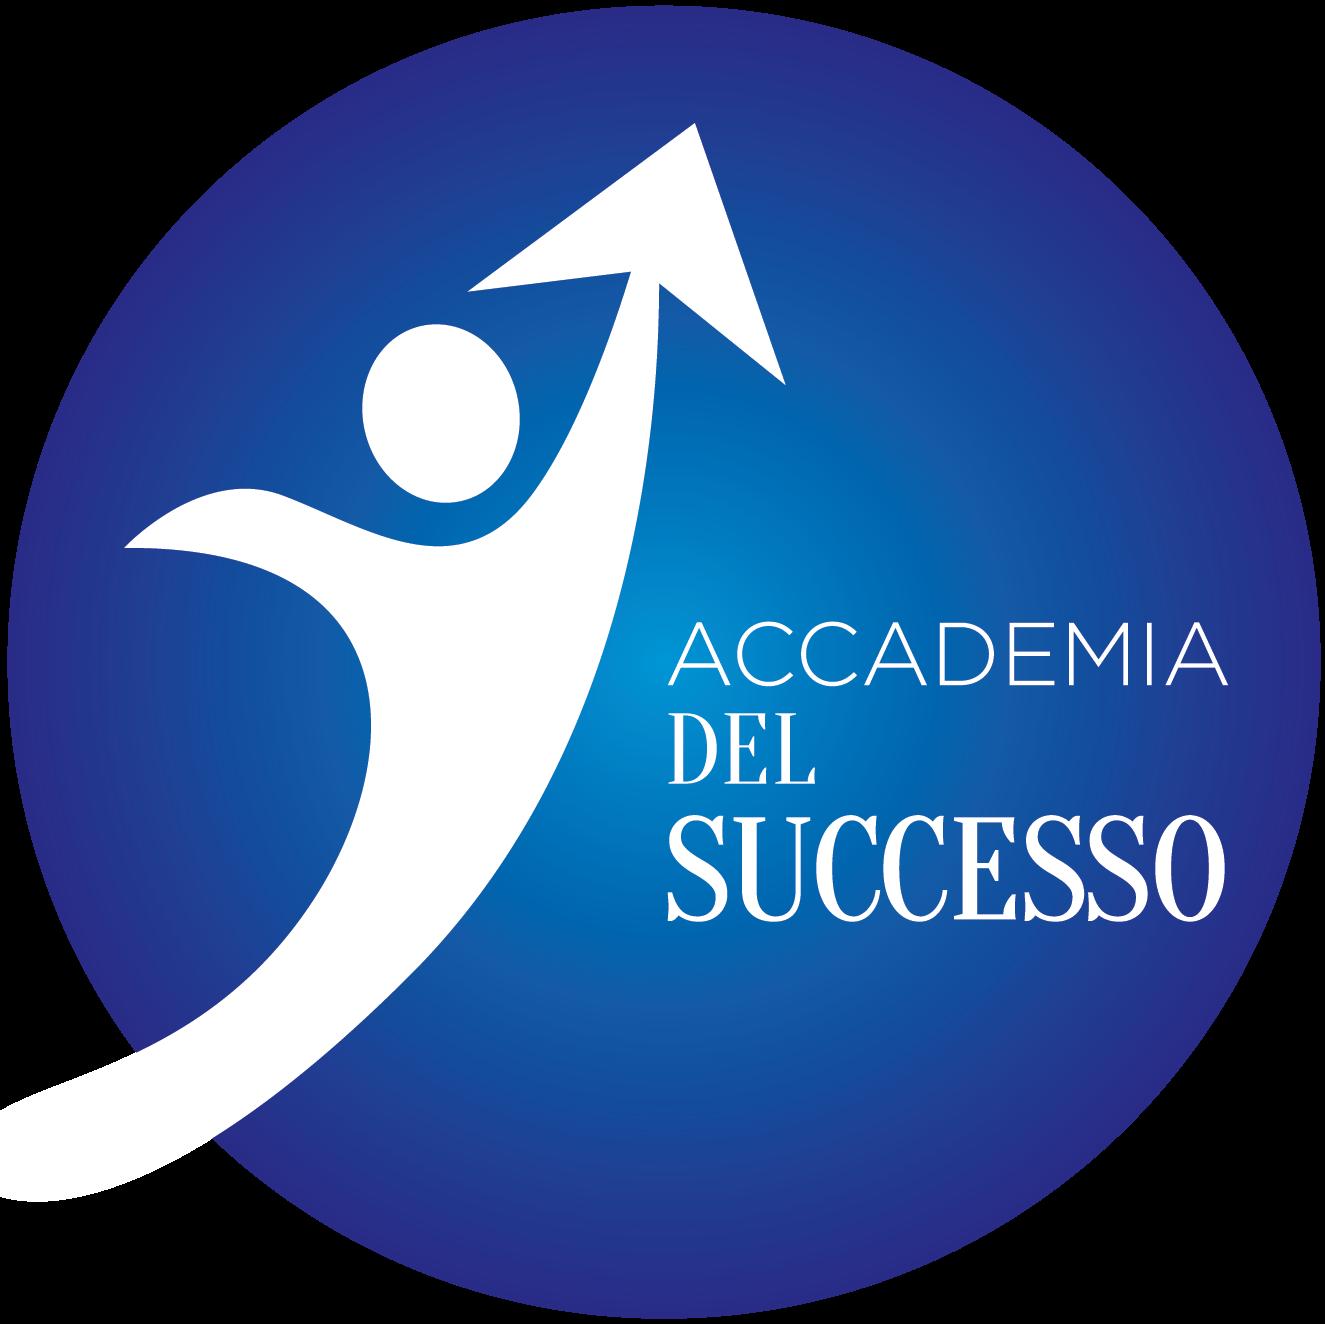 Visita Accademia del Successo